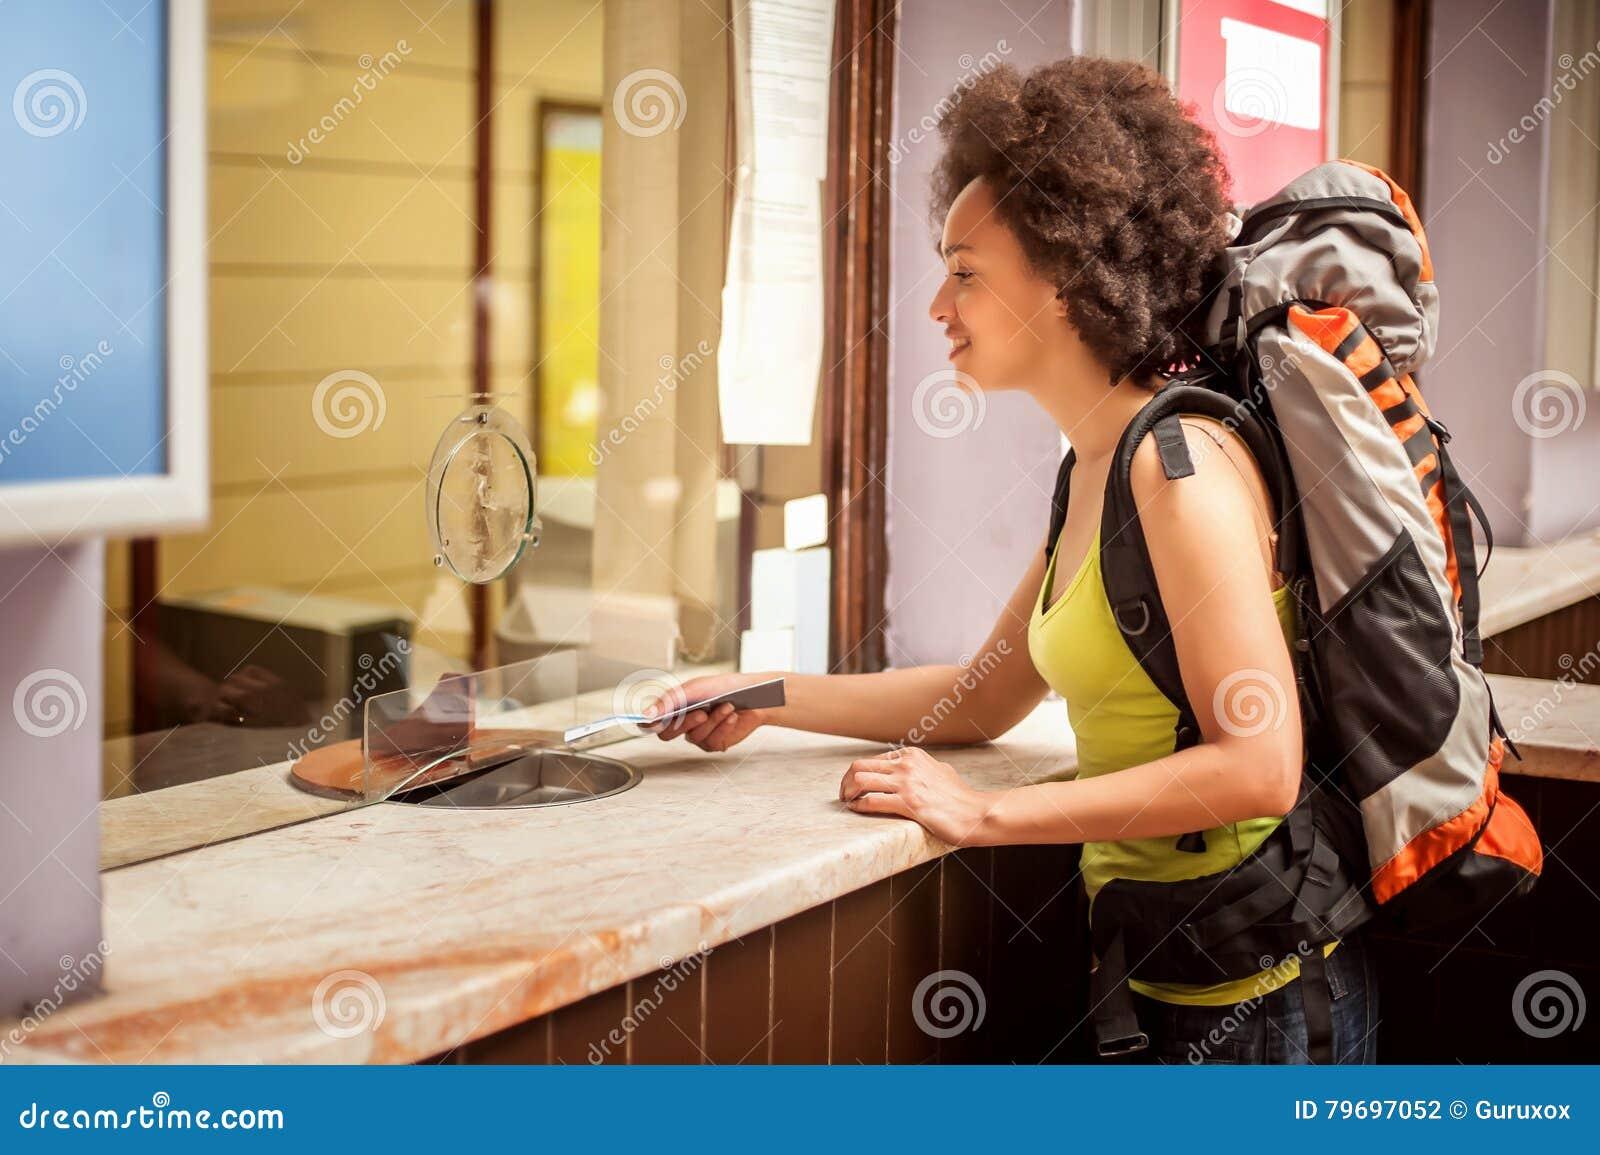 De vrouwelijke toerist koopt een kaartje bij de eindteller van het postkaartje